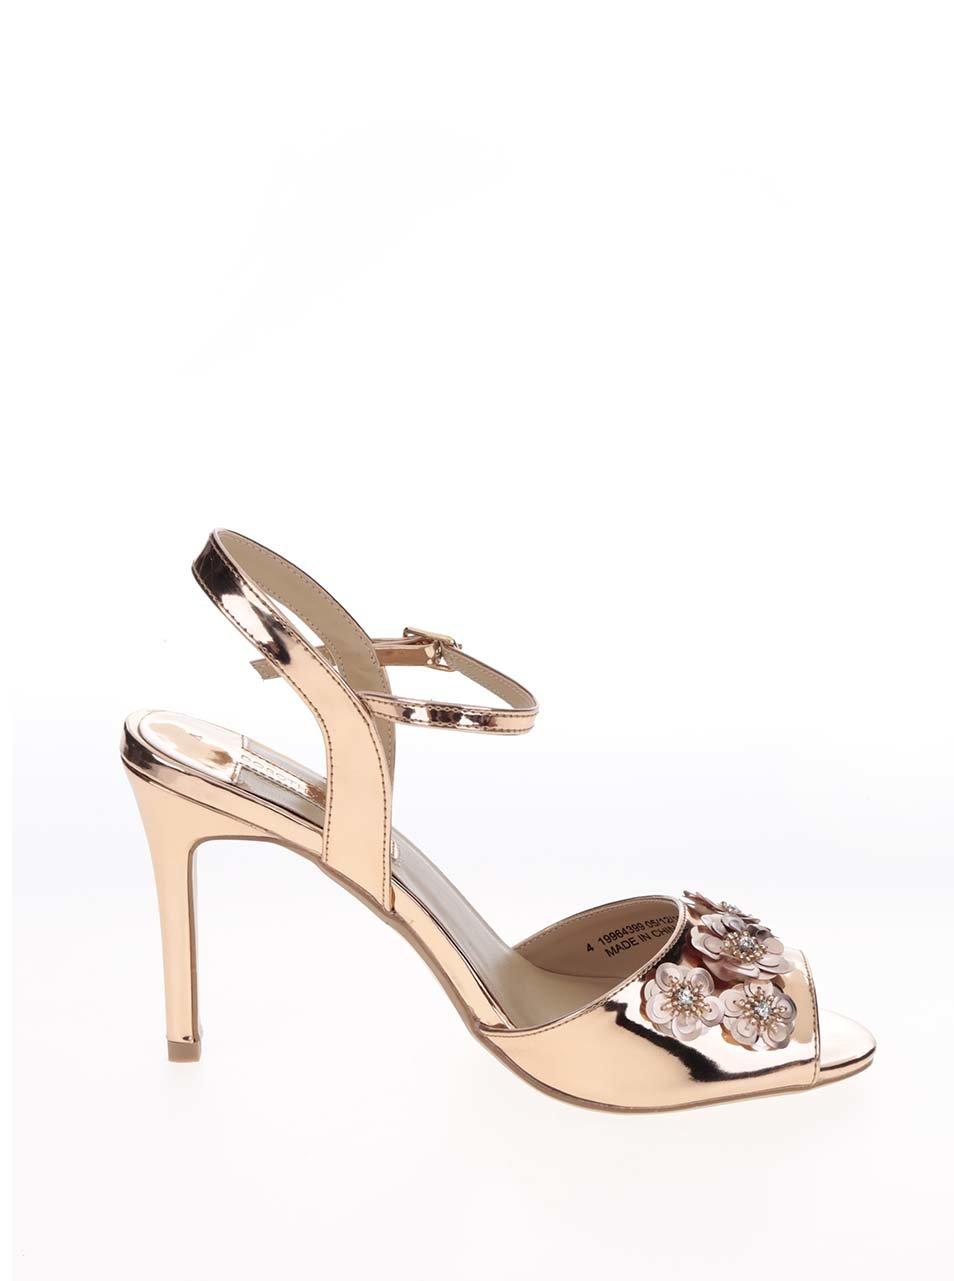 Sandálky ve zlaté barvě s ozdobnými flitry Dorothy Perkins ... d997d12140